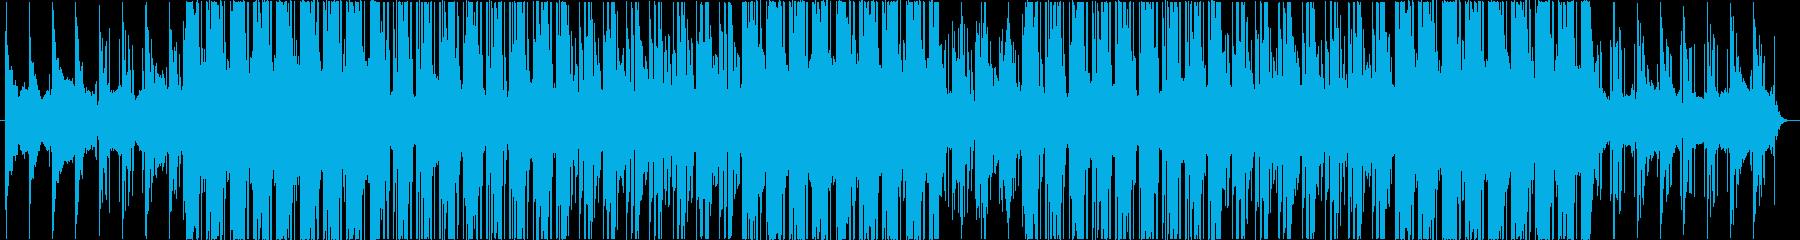 夜に浸る和風 Lo-Fi HIPHOPの再生済みの波形